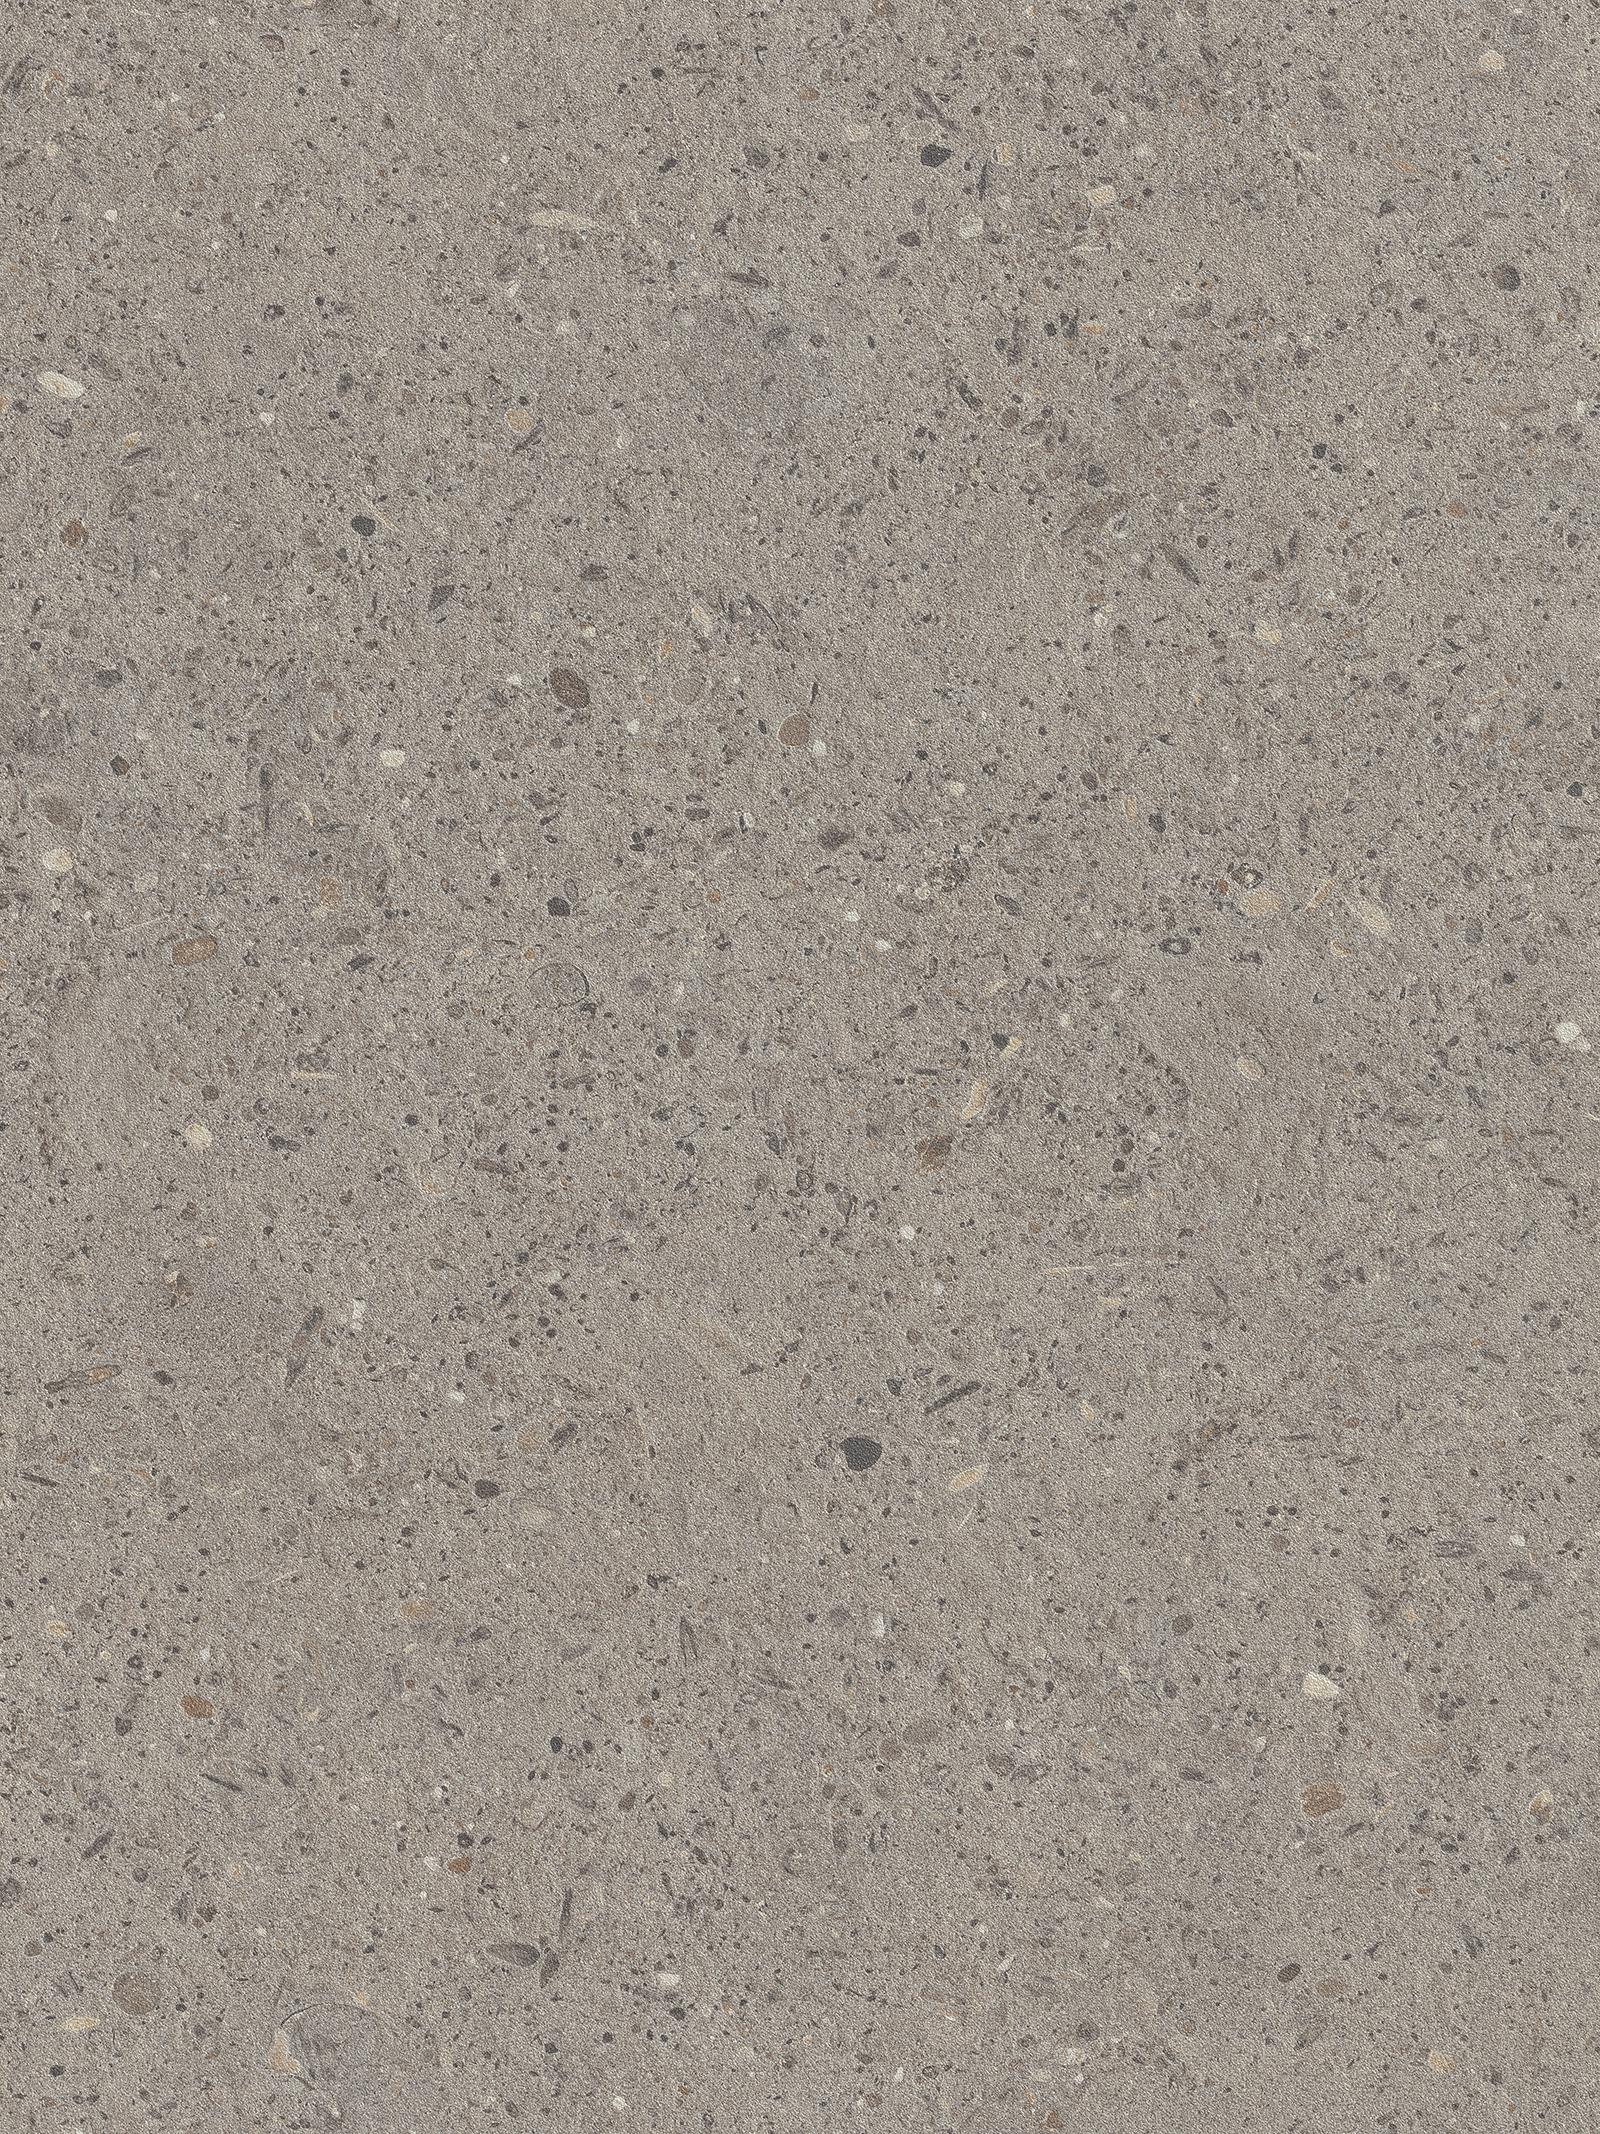 DecoLegno FC70 Concreta - Detailafbeelding